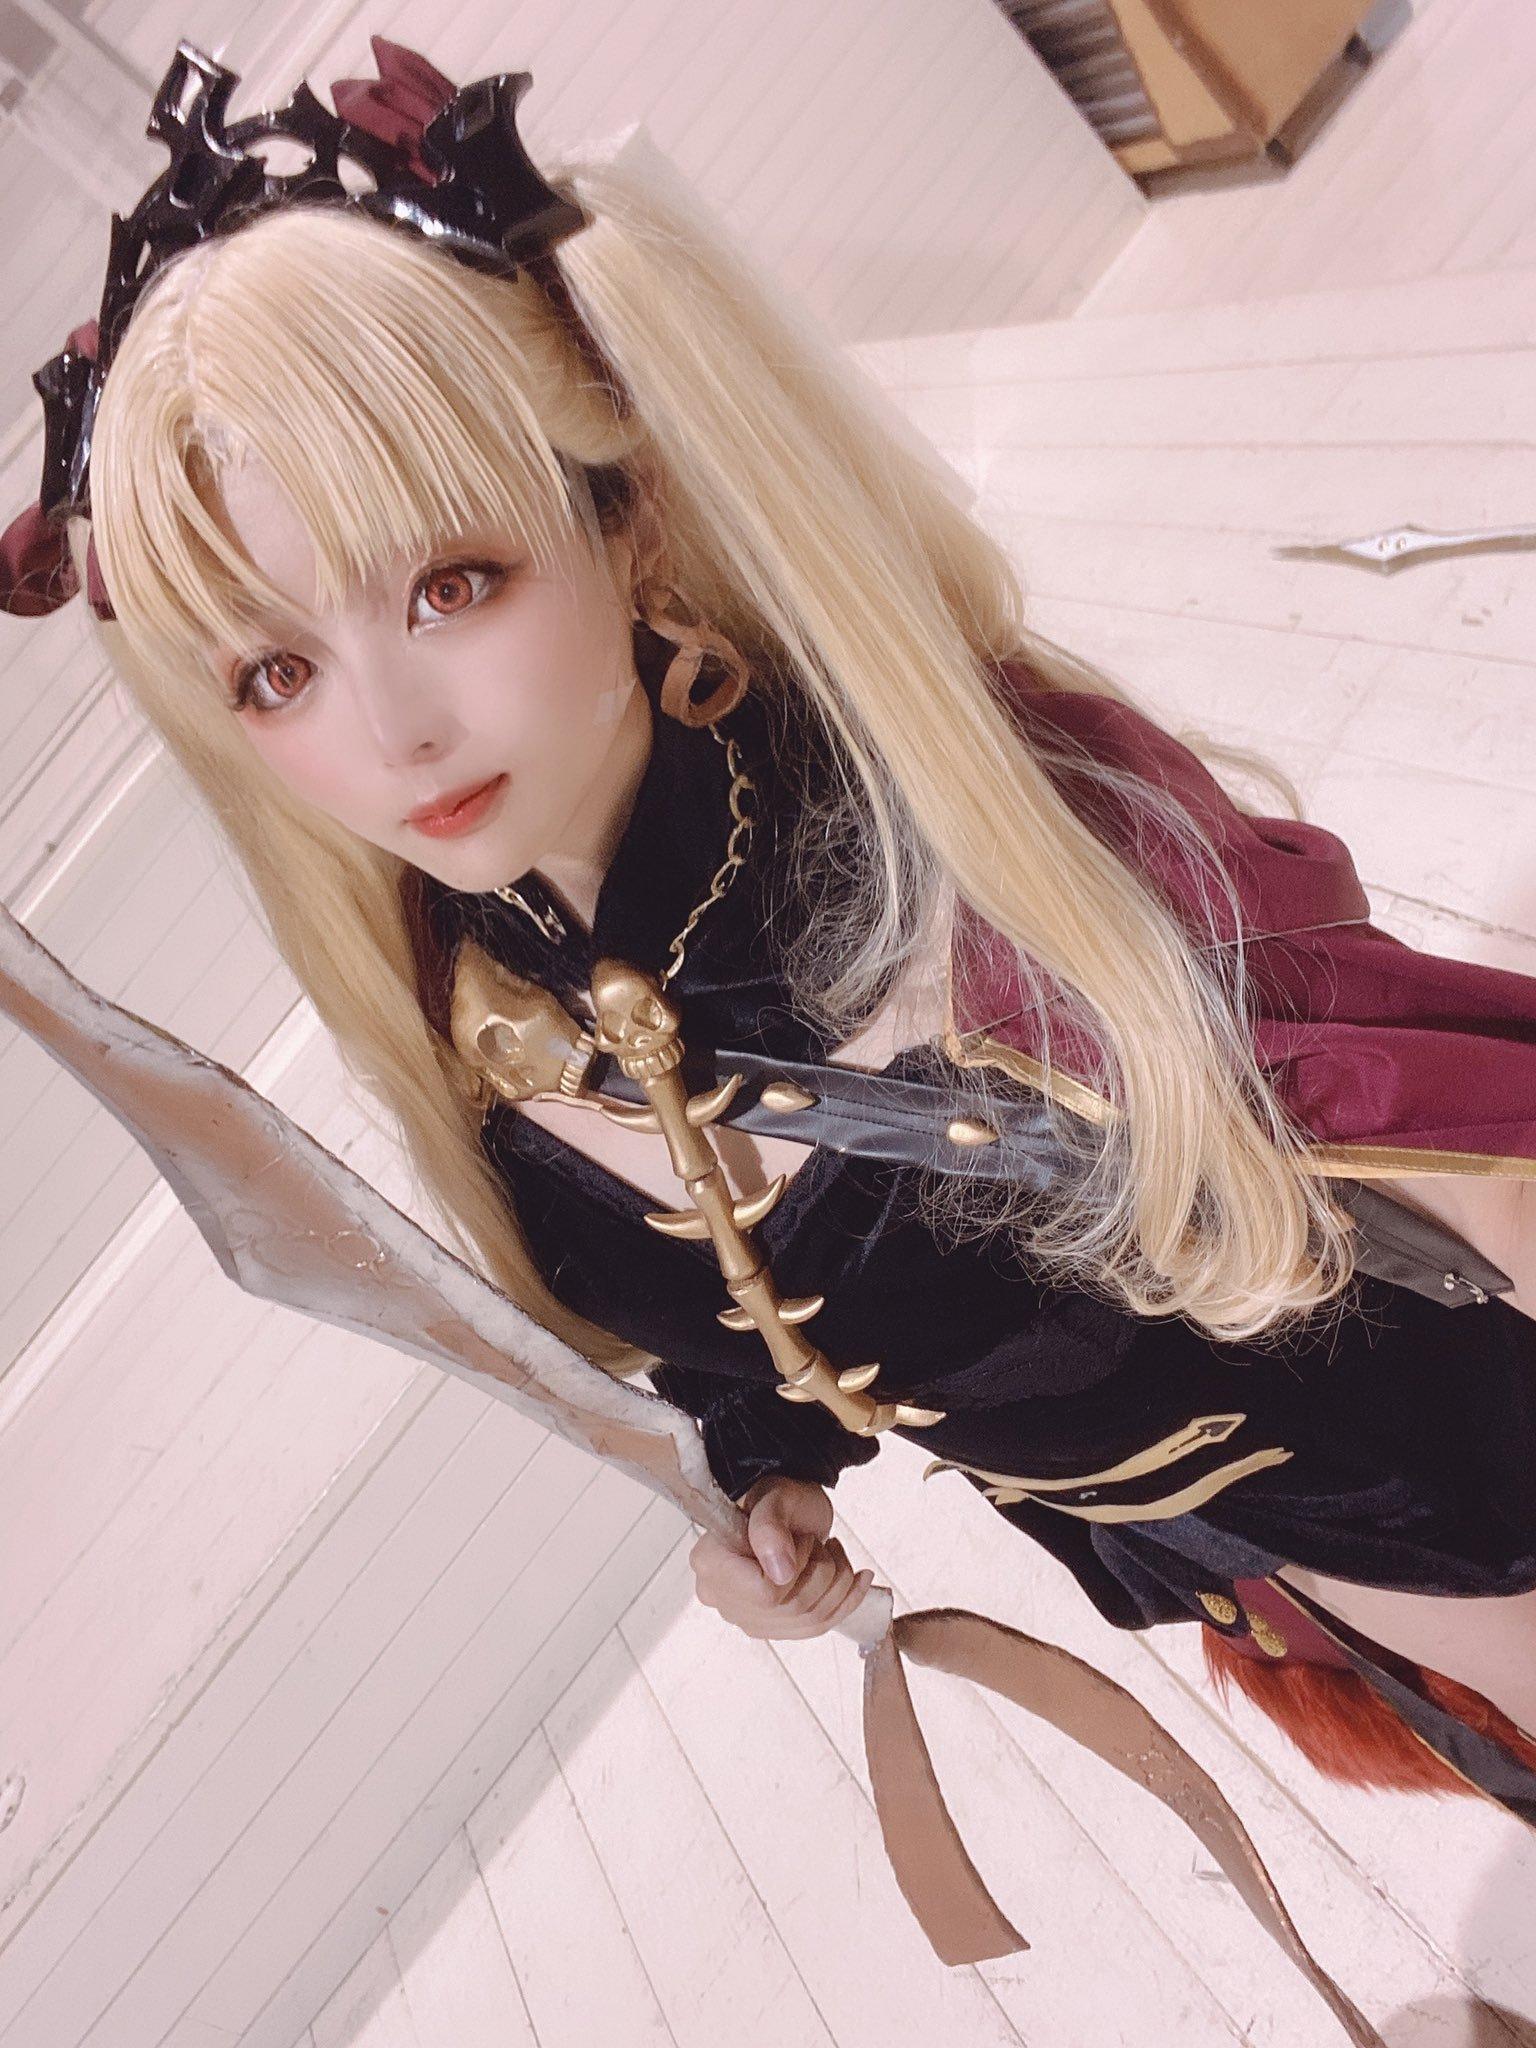 yuzuru_cos 1294660076200845312_p2